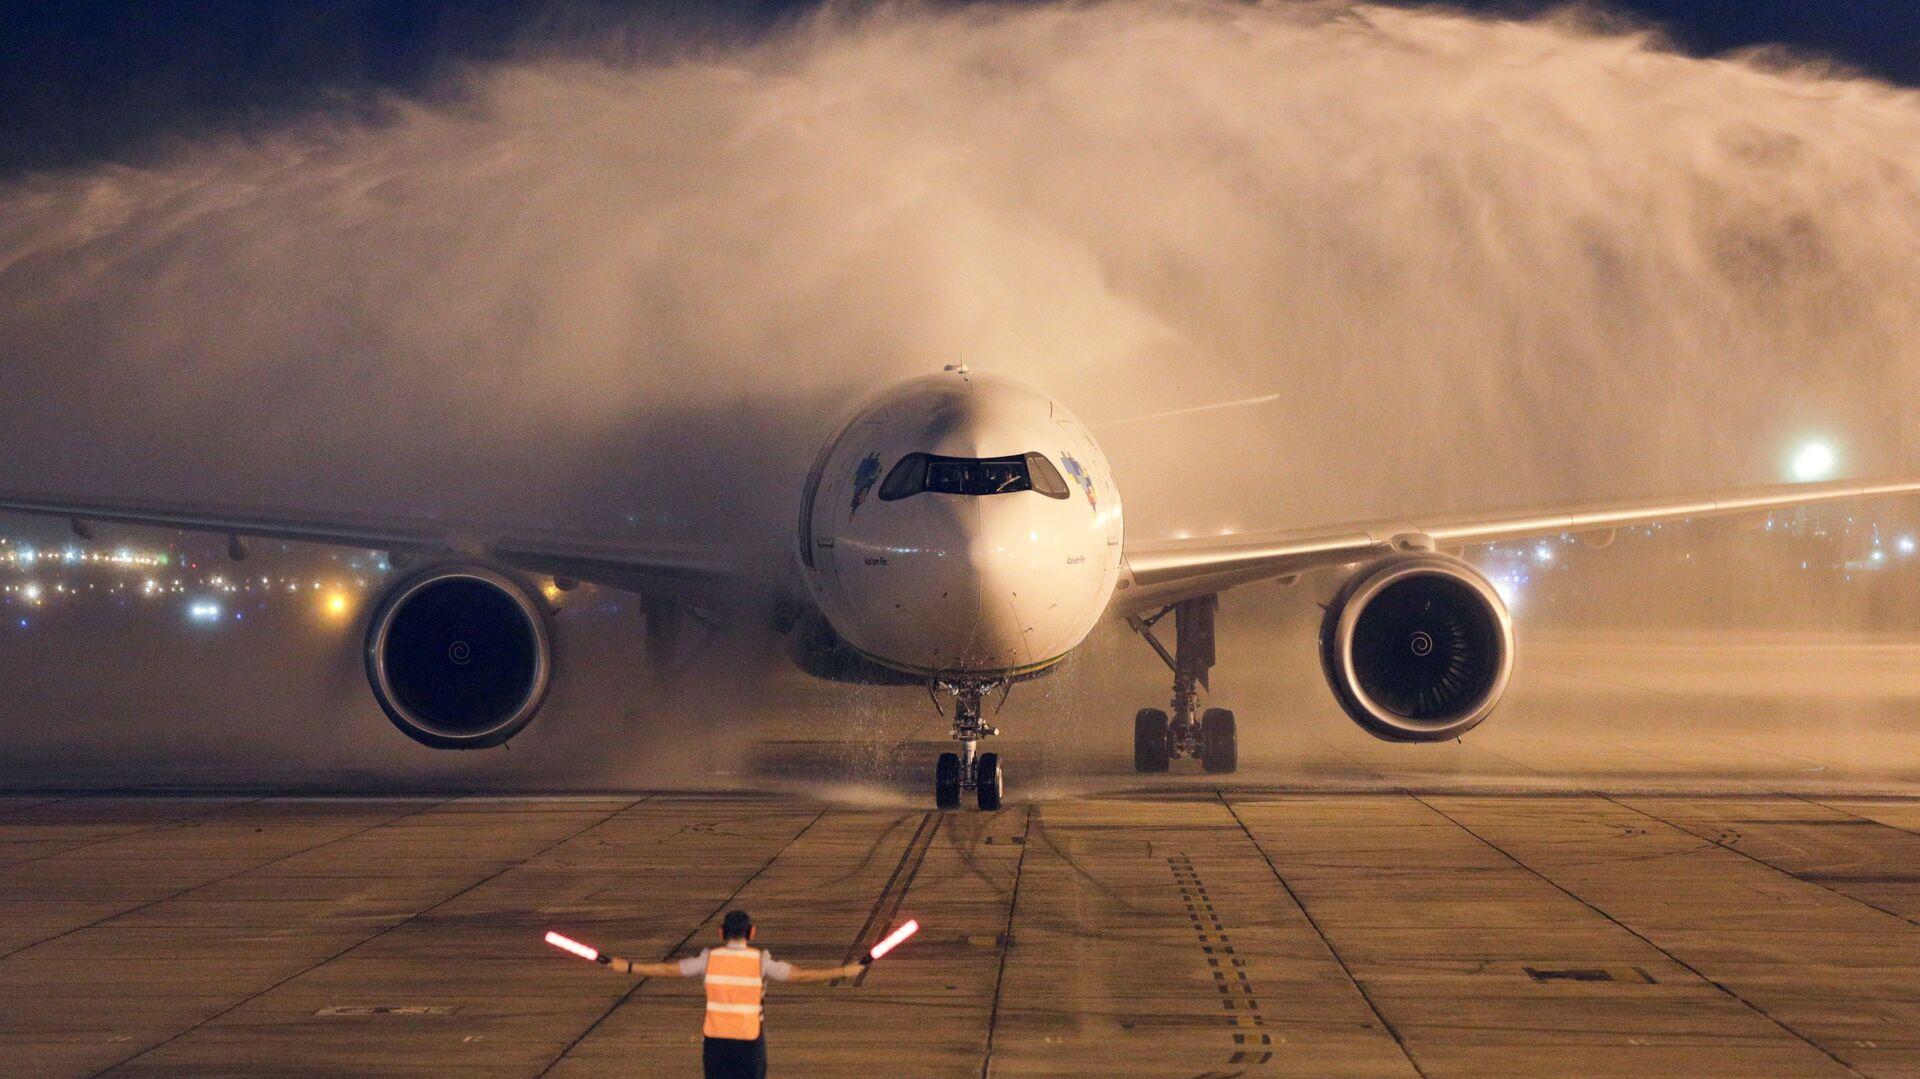 Самолет с двумя миллионами доз вакцины AstraZeneca / Oxford из Индии приземляется в Рио-де-Жанейро, Бразилия - Sputnik Azərbaycan, 1920, 03.10.2021